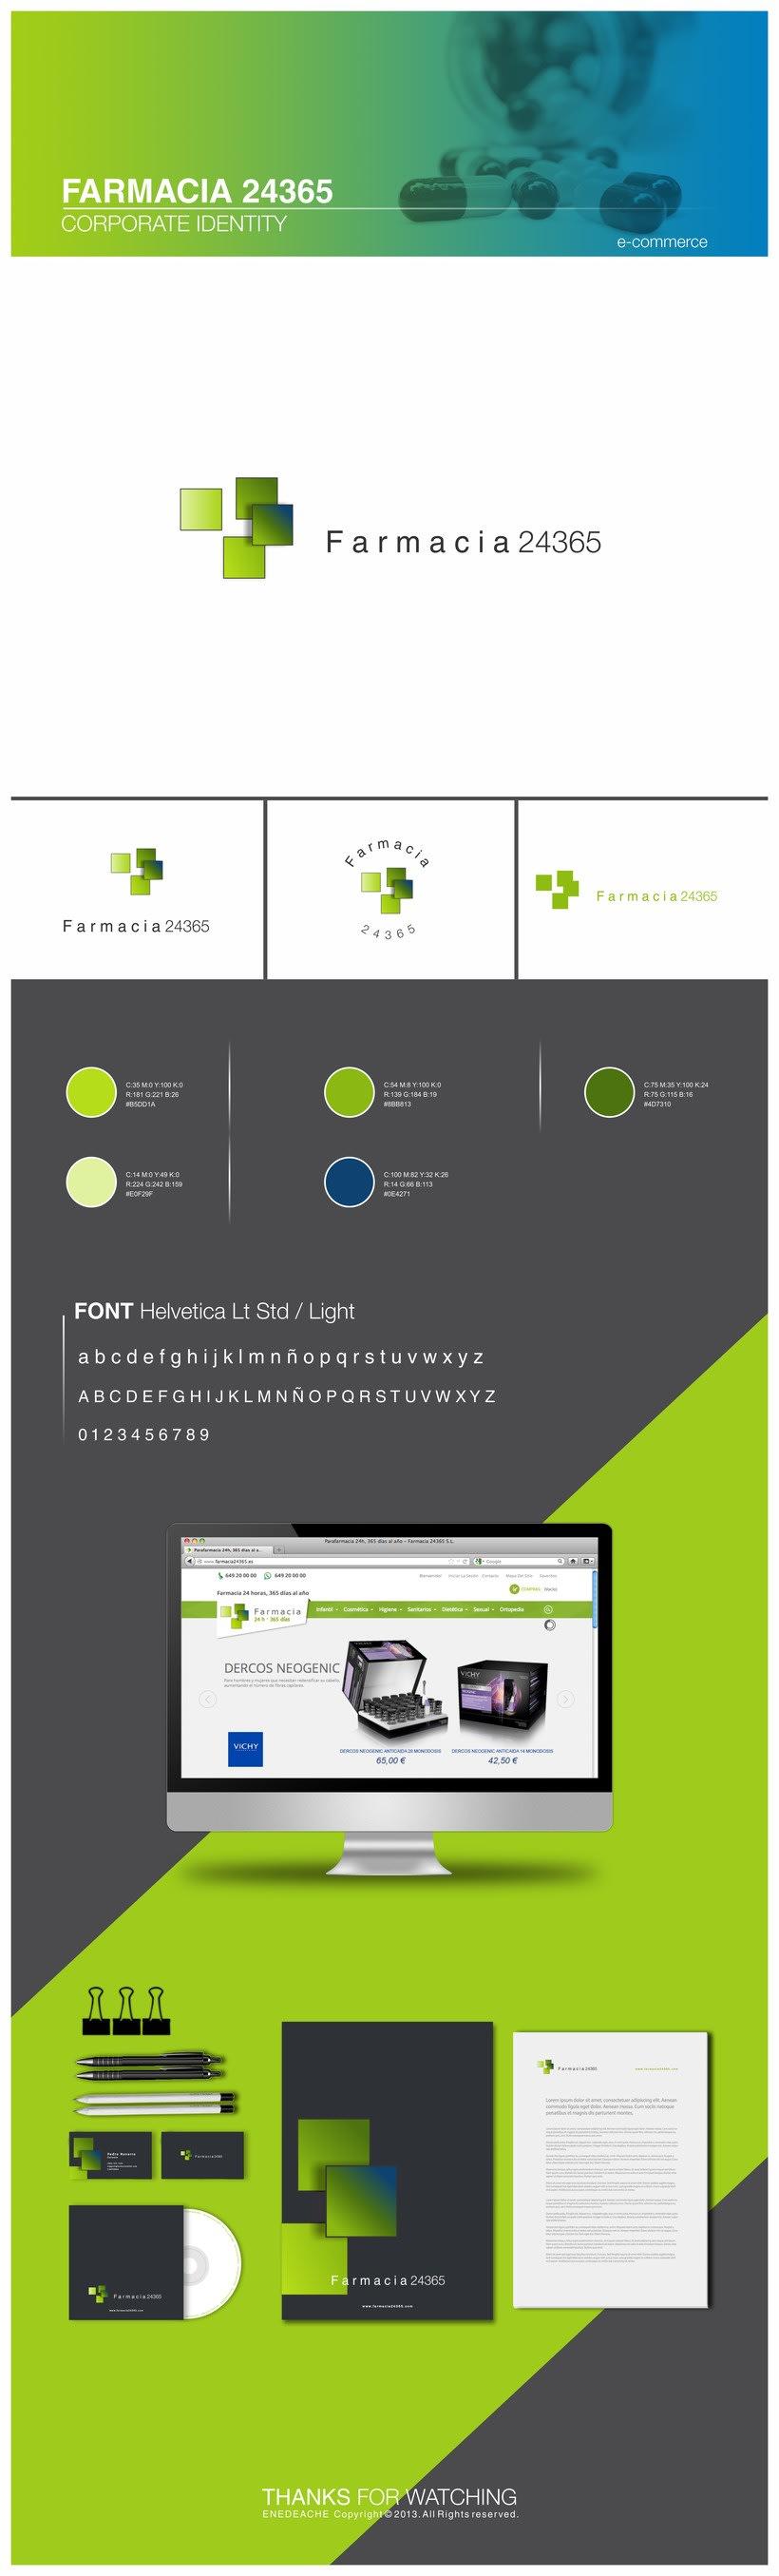 FARMACIA 24365 // Corporate identity -1